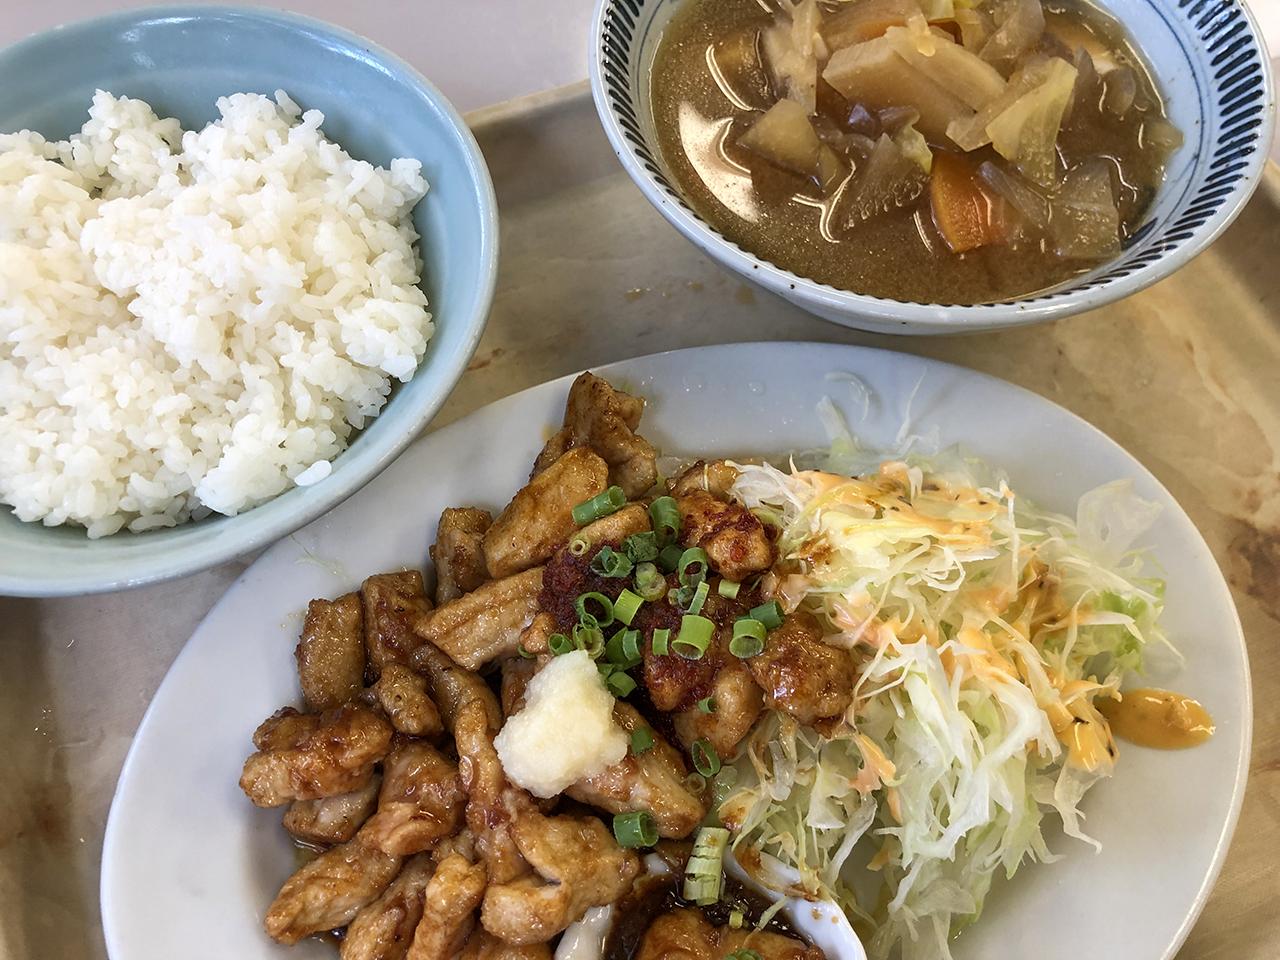 波止場食堂出田町店の豚コロ定食